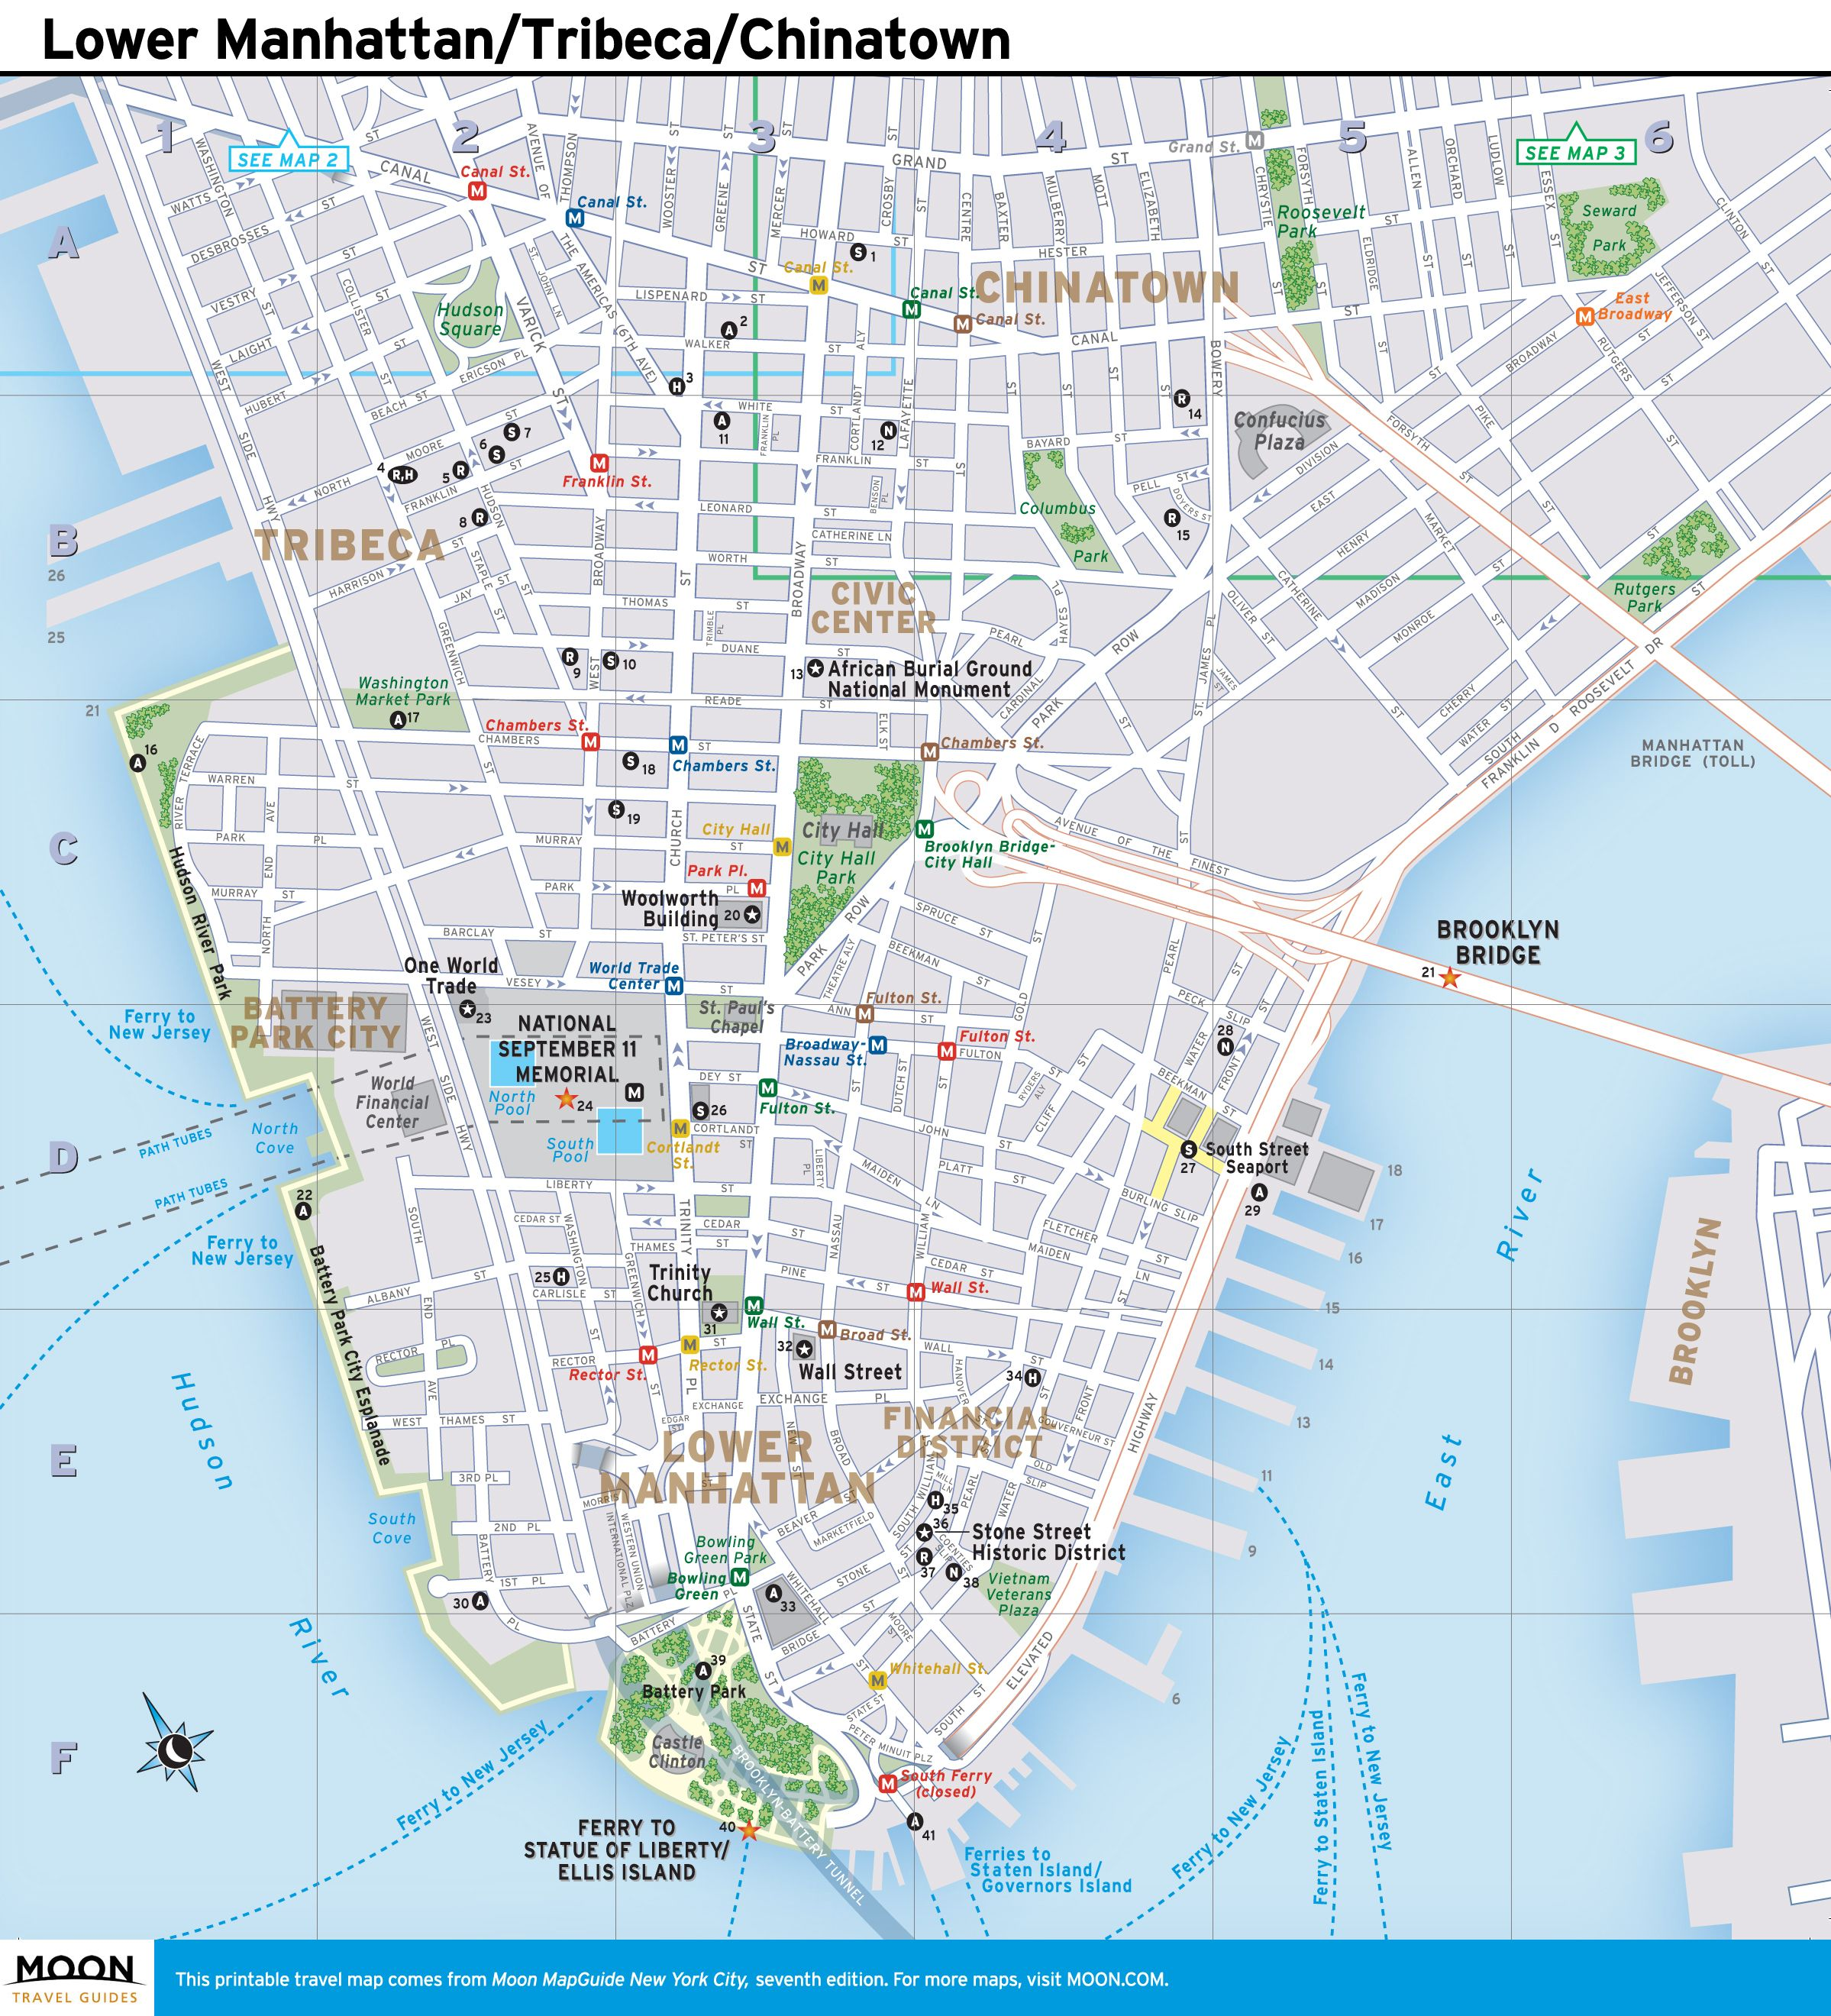 New York City Map Lower Manhattan Tribeca and Chinatown Lower